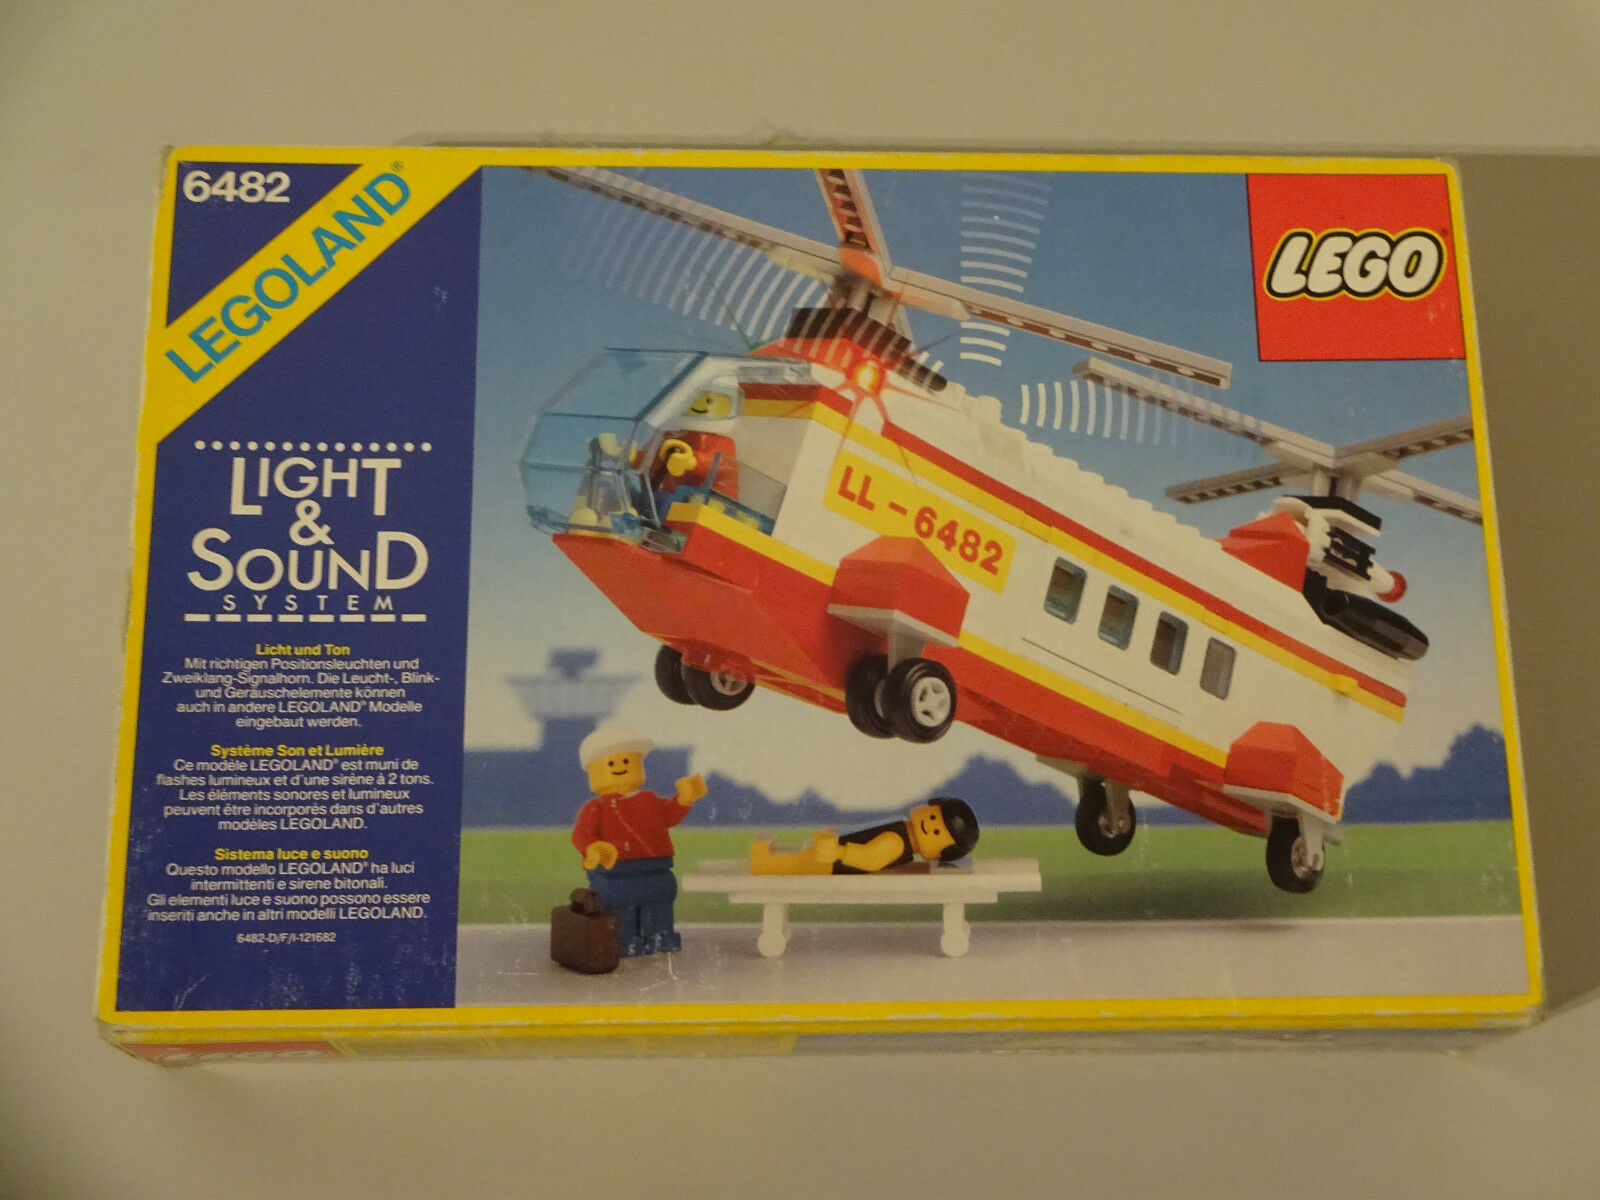 (TB) Legole 6482 Elicottero di Soccorso Rescue  Helicopter con OVP & Ba NUOVO  stanno facendo attività di sconto